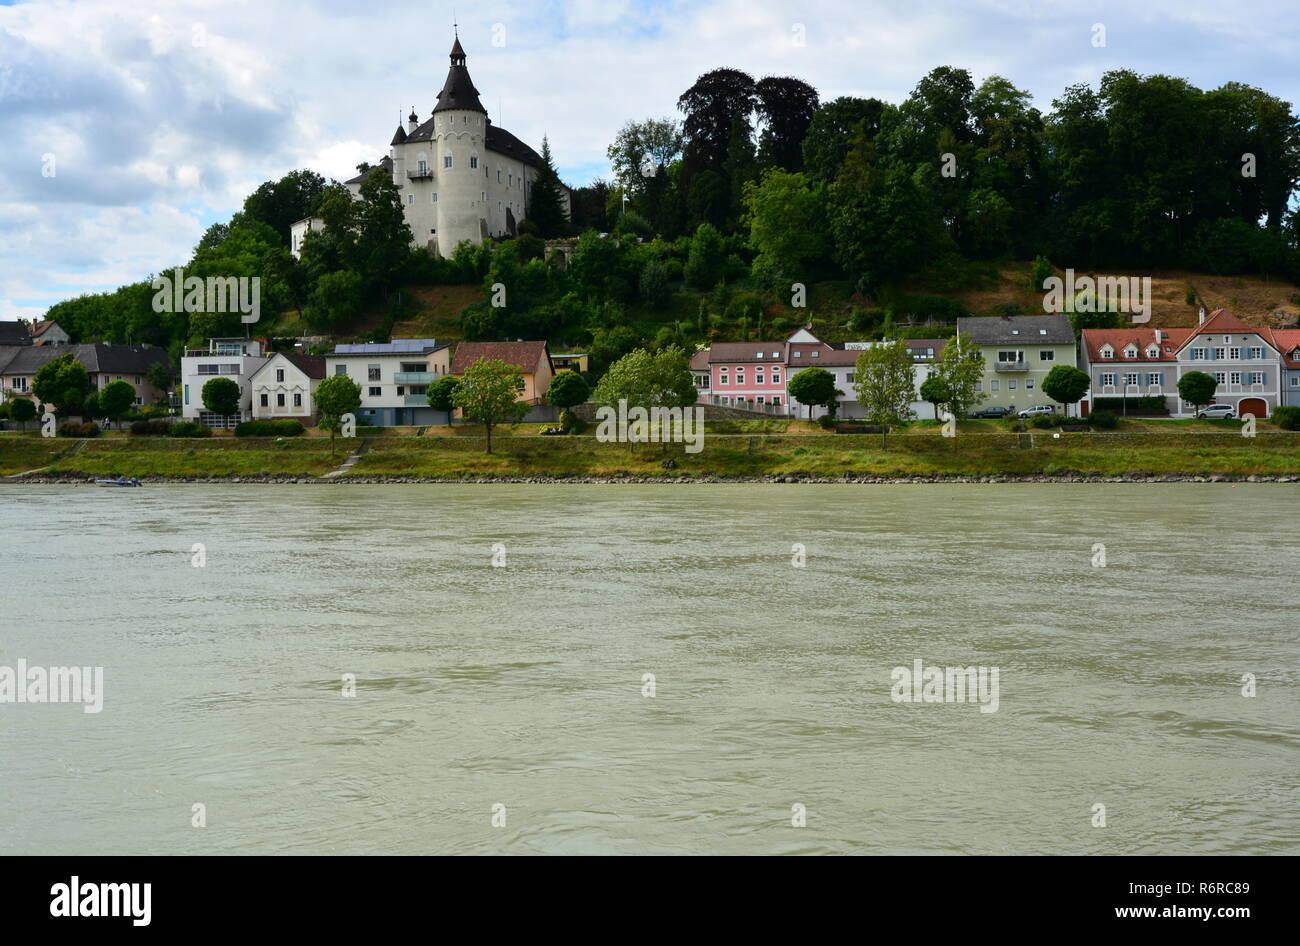 Ottensheim château sur le Danube Banque D'Images